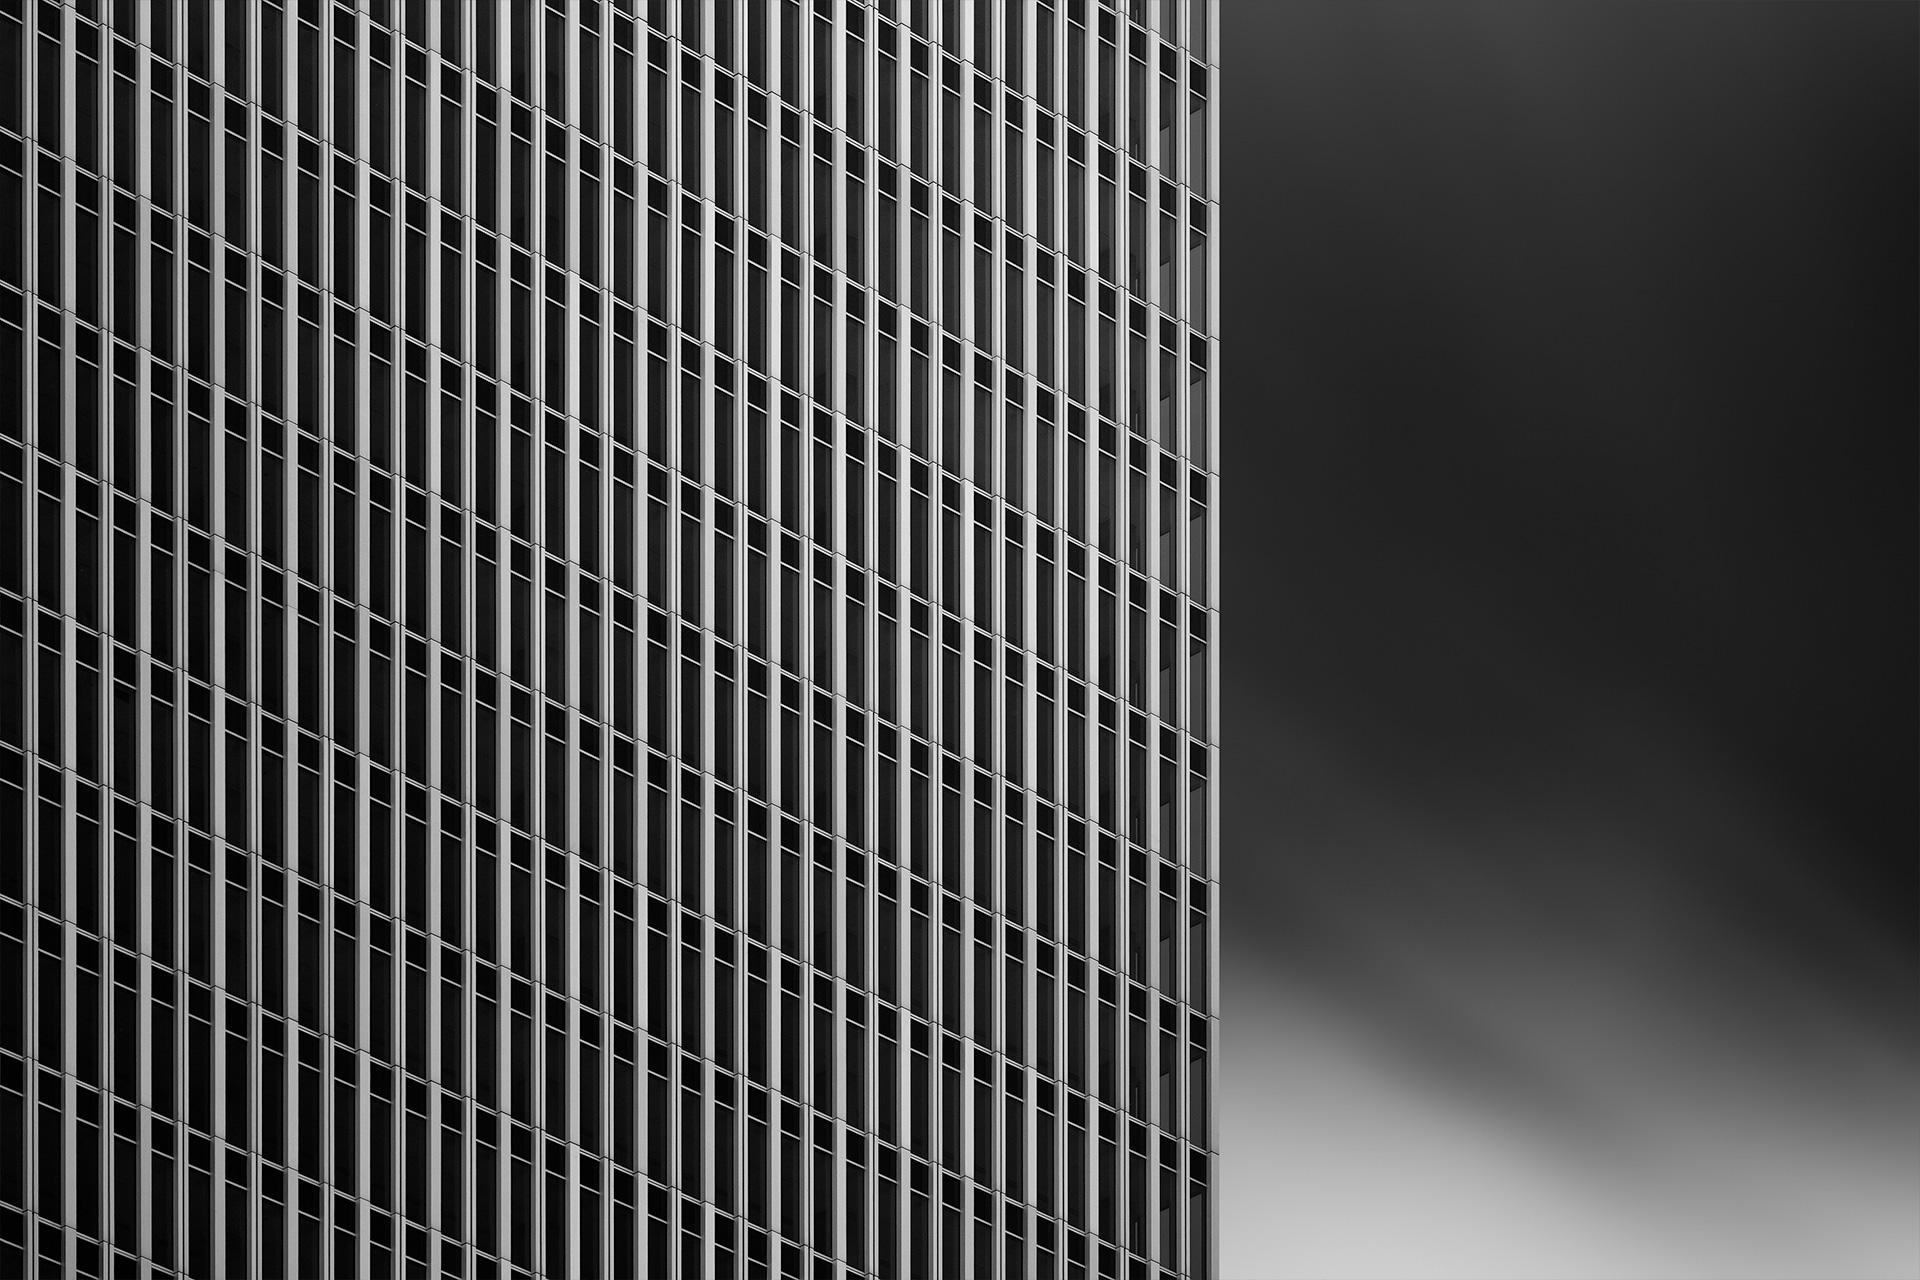 Stijn-Poelstra-Fading-Architecture-1